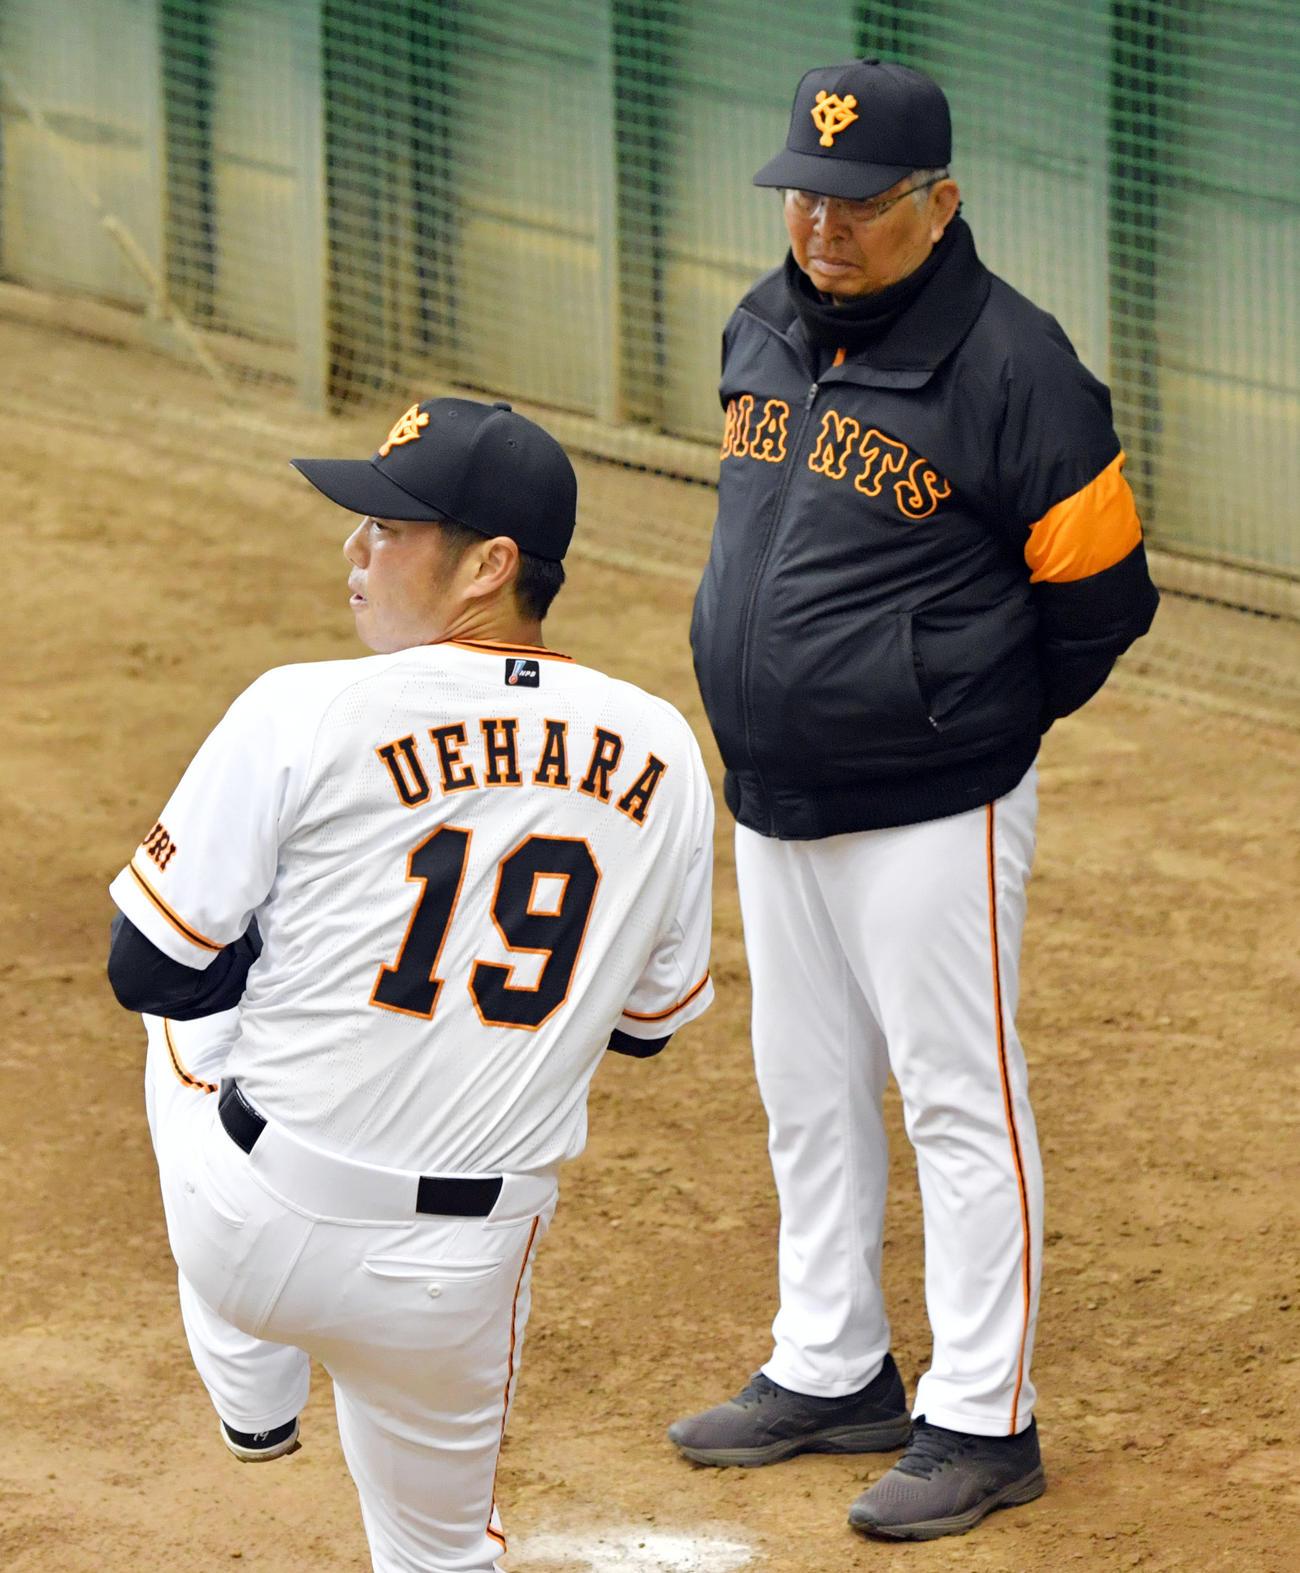 19年3月、ブルペンで力投する巨人上原(手前)に視線を送る小谷正勝巡回投手コーチ